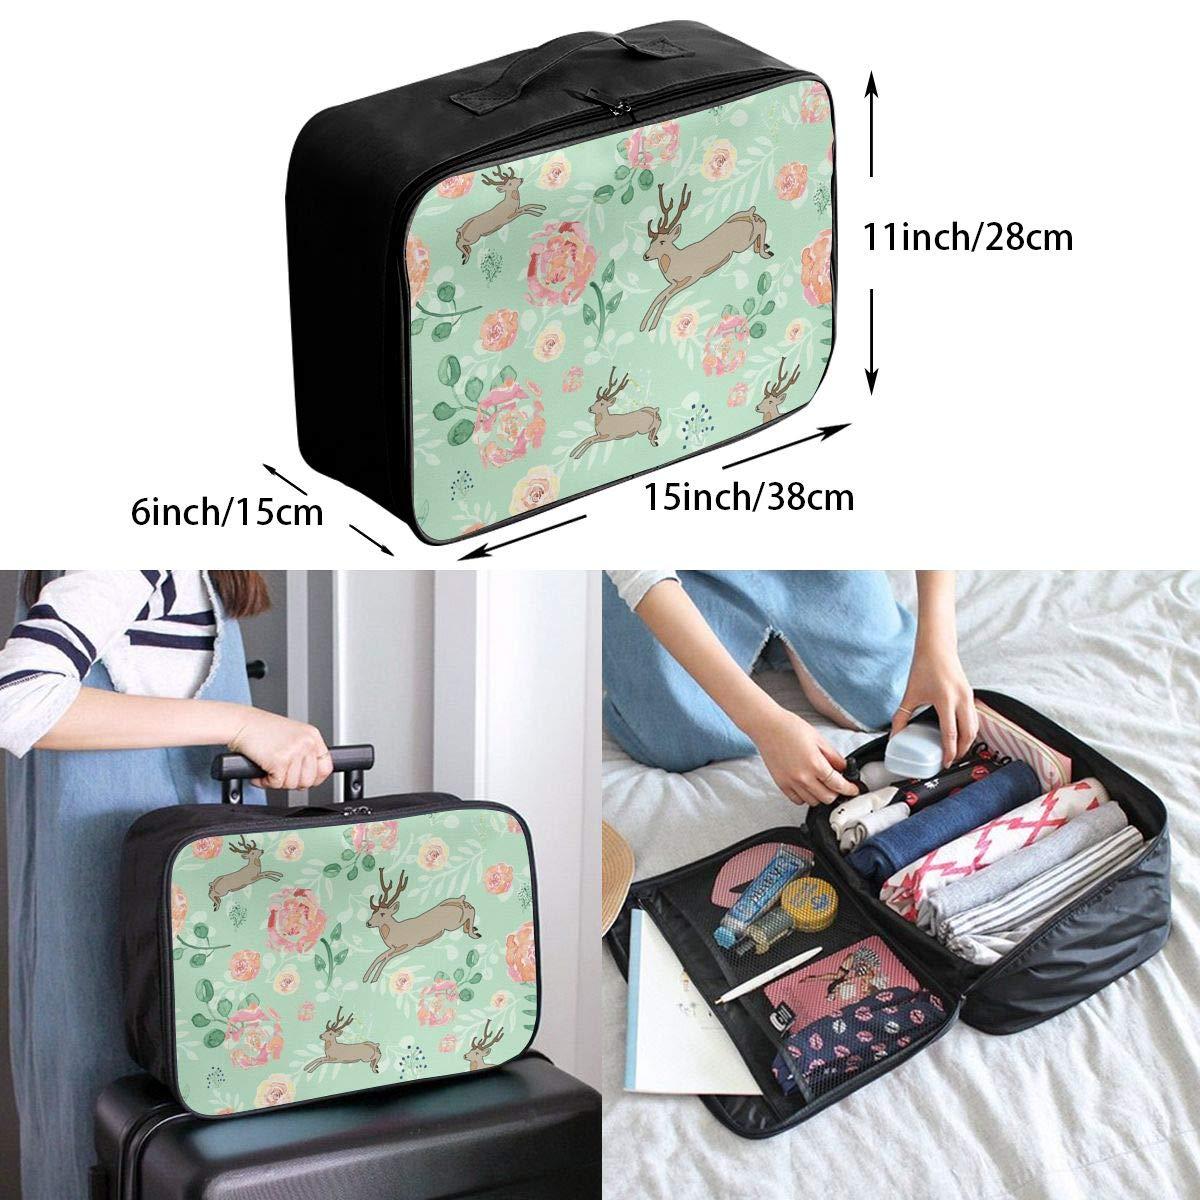 Travel Luggage Duffle Bag Lightweight Portable Handbag Deer Flowers Painting Large Capacity Waterproof Foldable Storage Tote